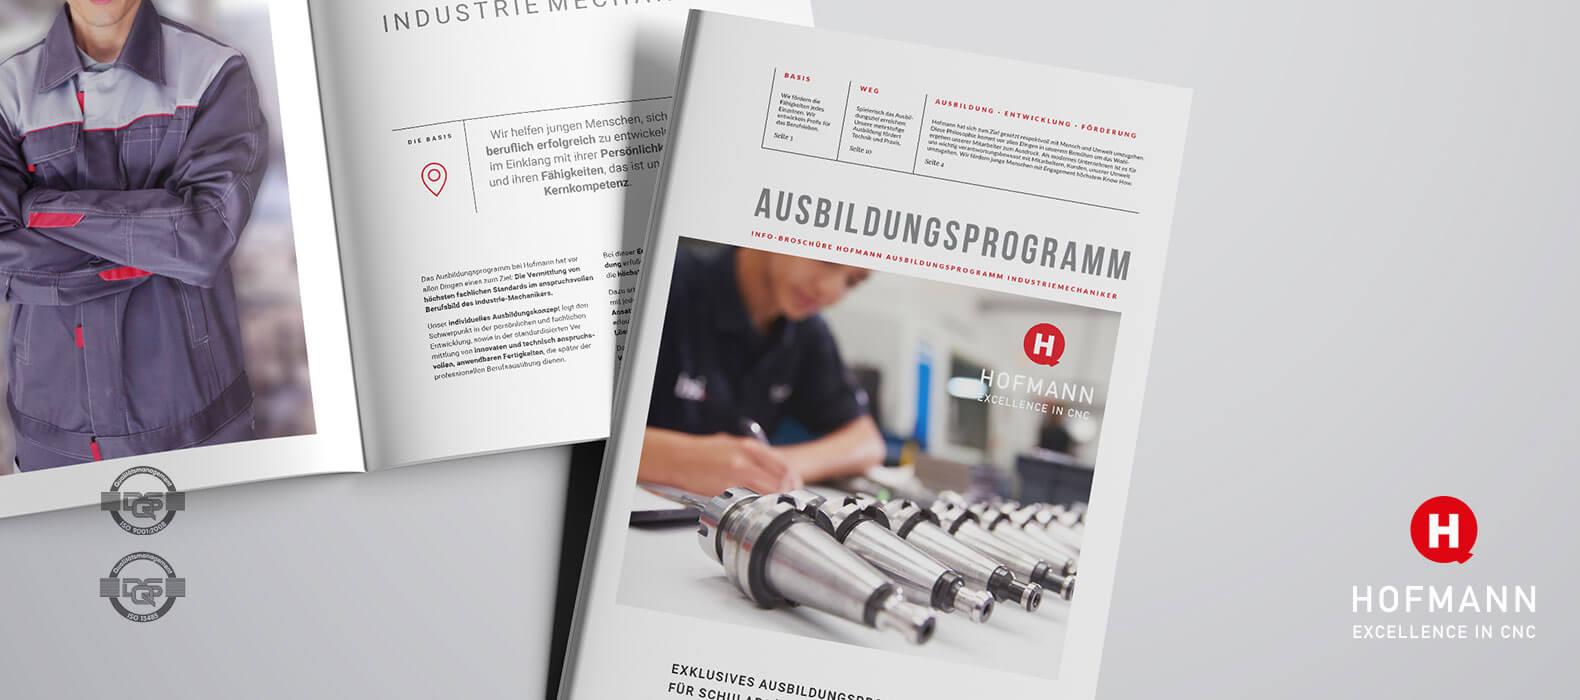 Hofmann CNC Ausbildungsprogramm